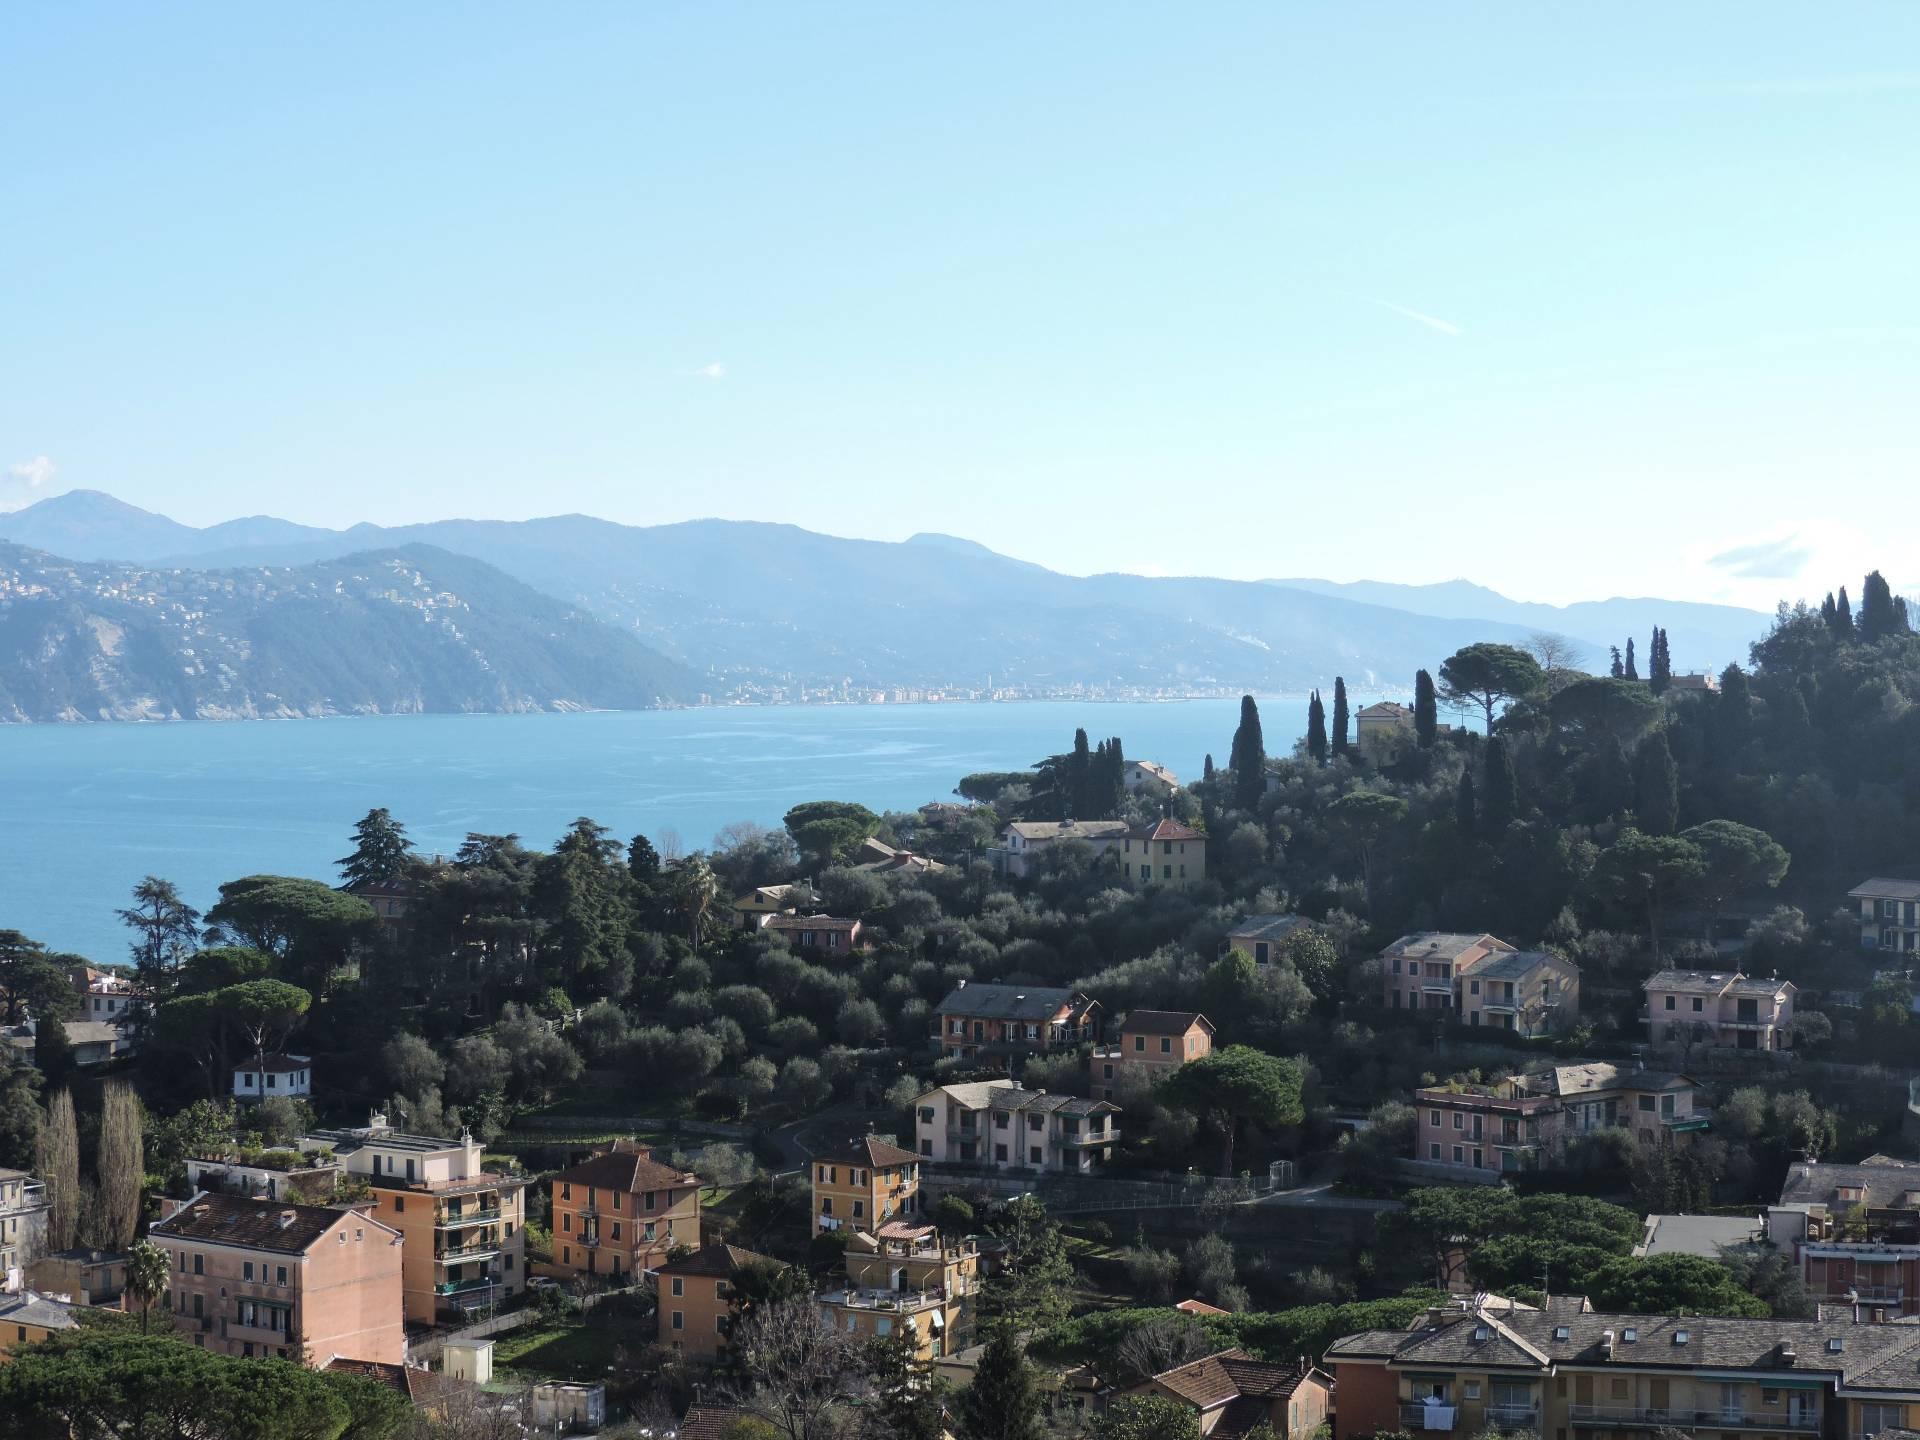 Appartamento in affitto a Santa Margherita Ligure, 5 locali, prezzo € 2.000 | Cambio Casa.it